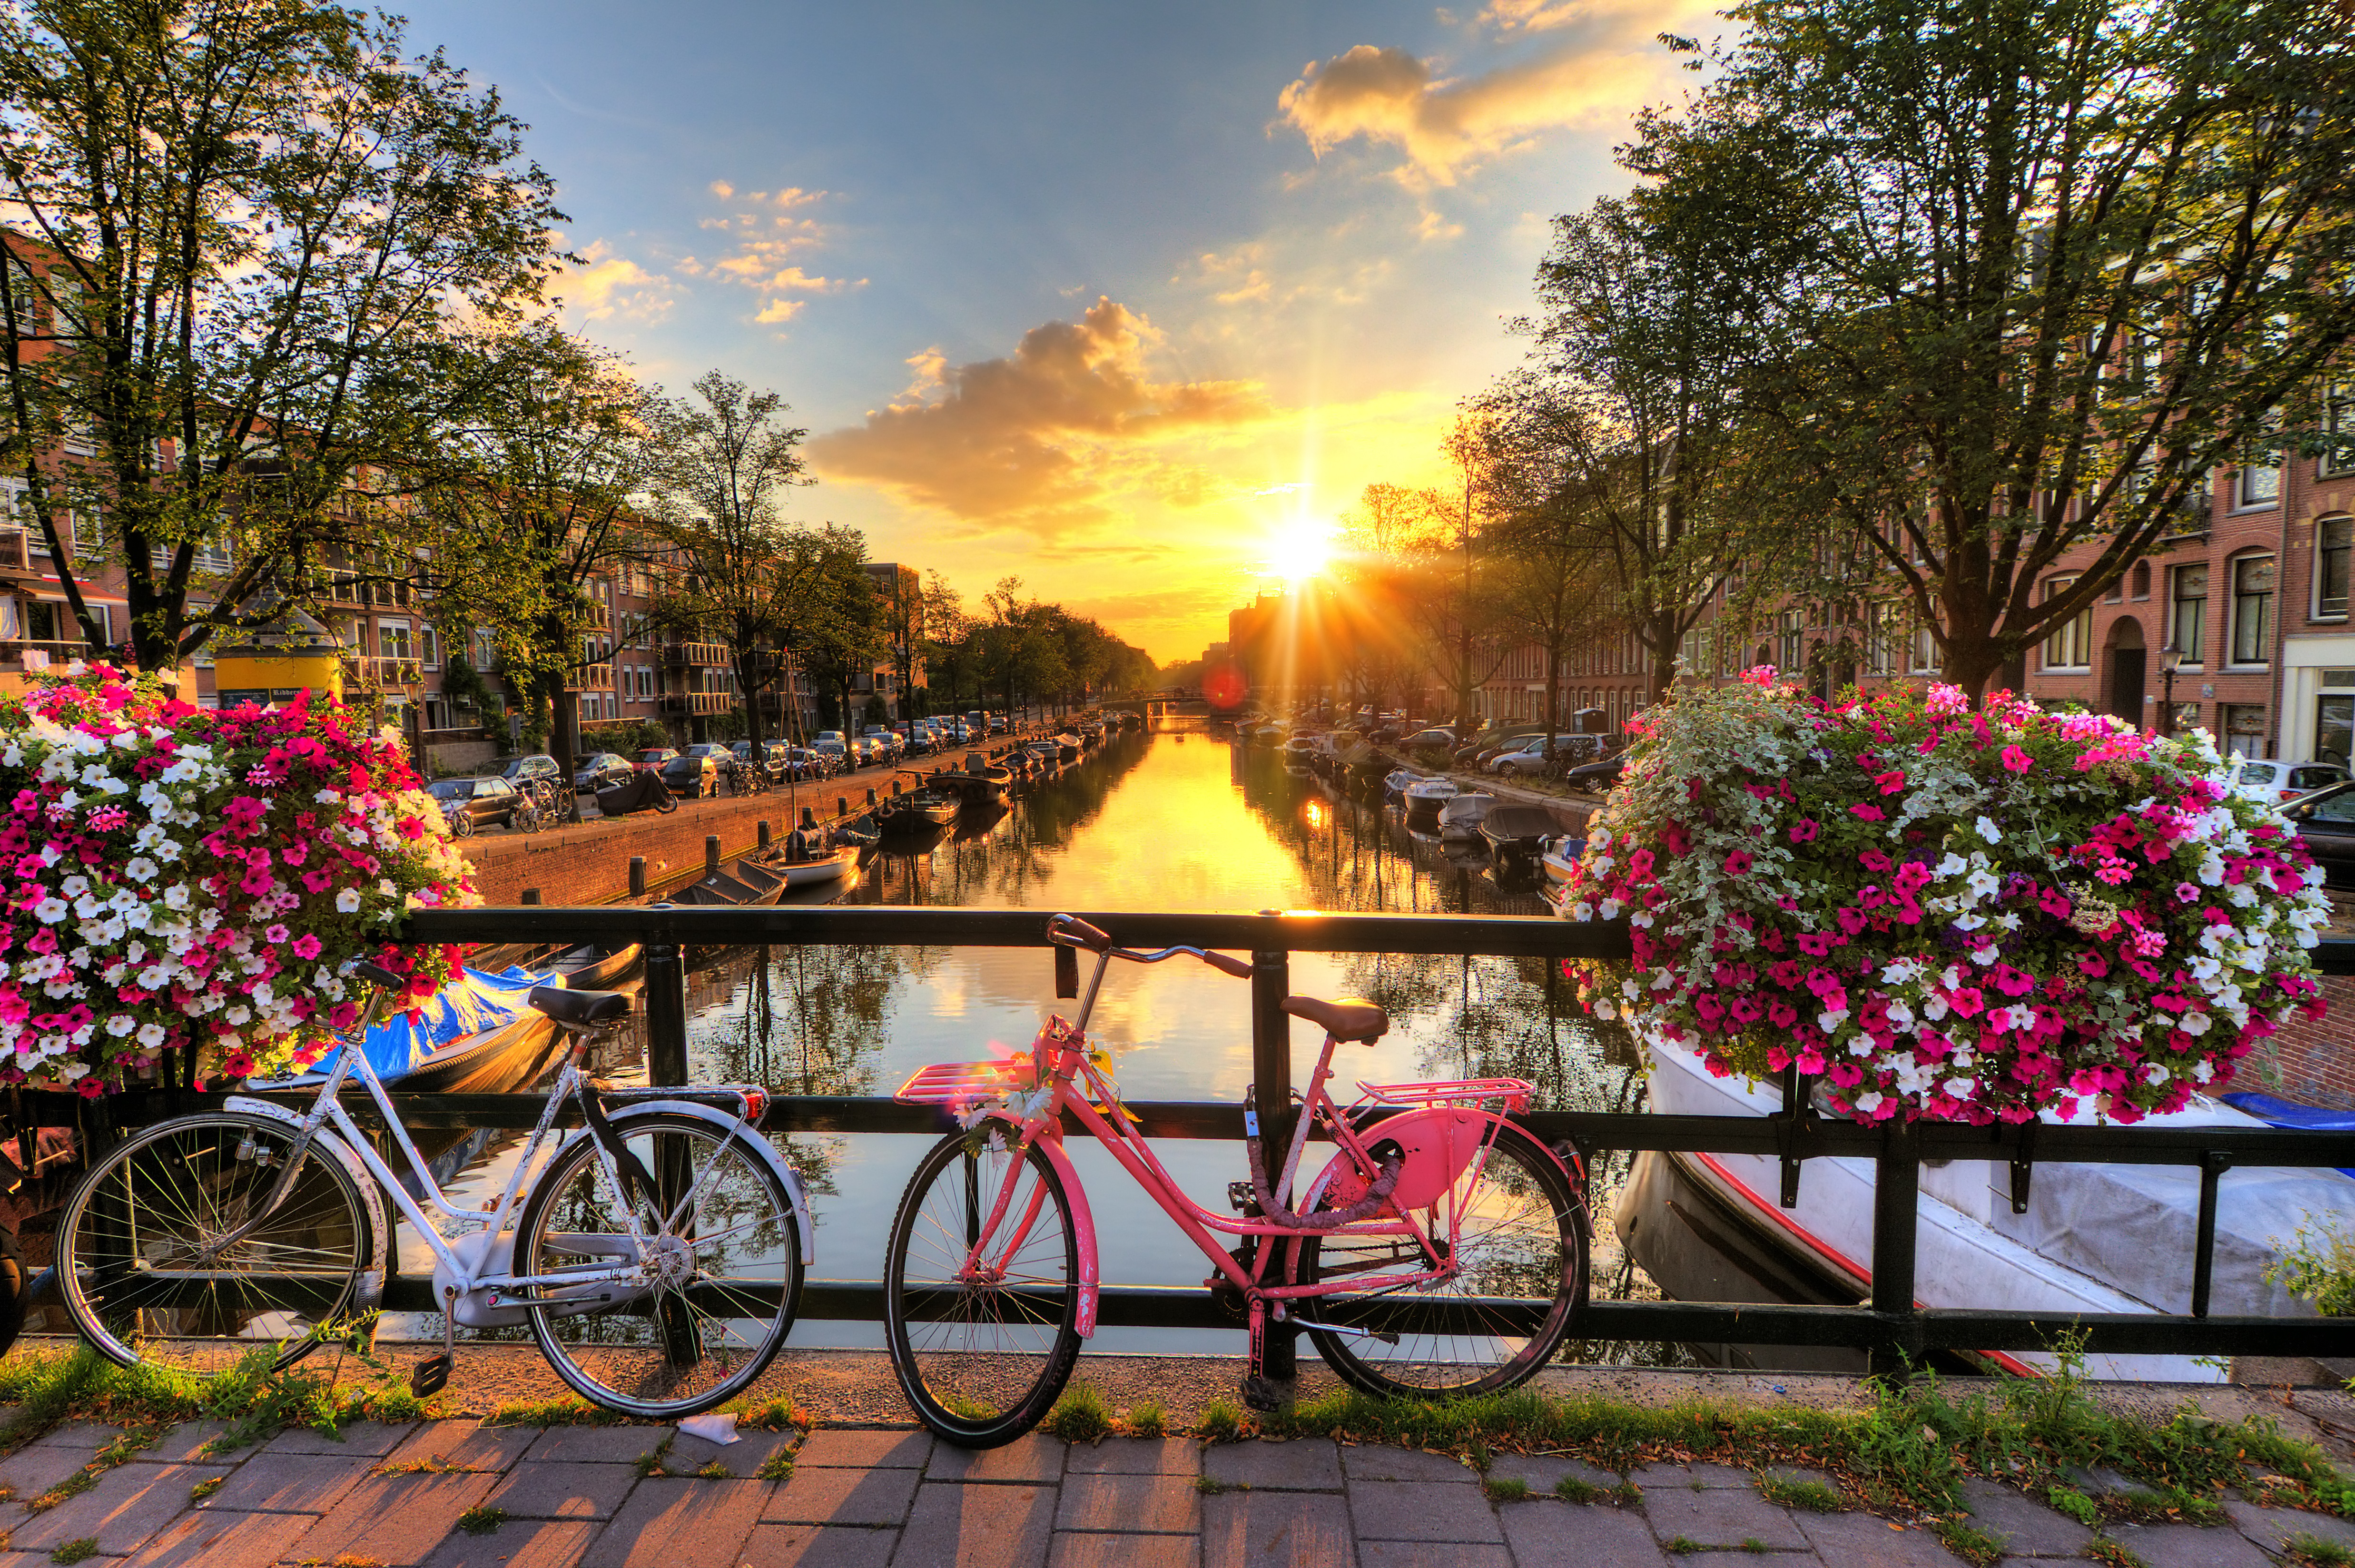 阿姆斯特丹旅游景点图片